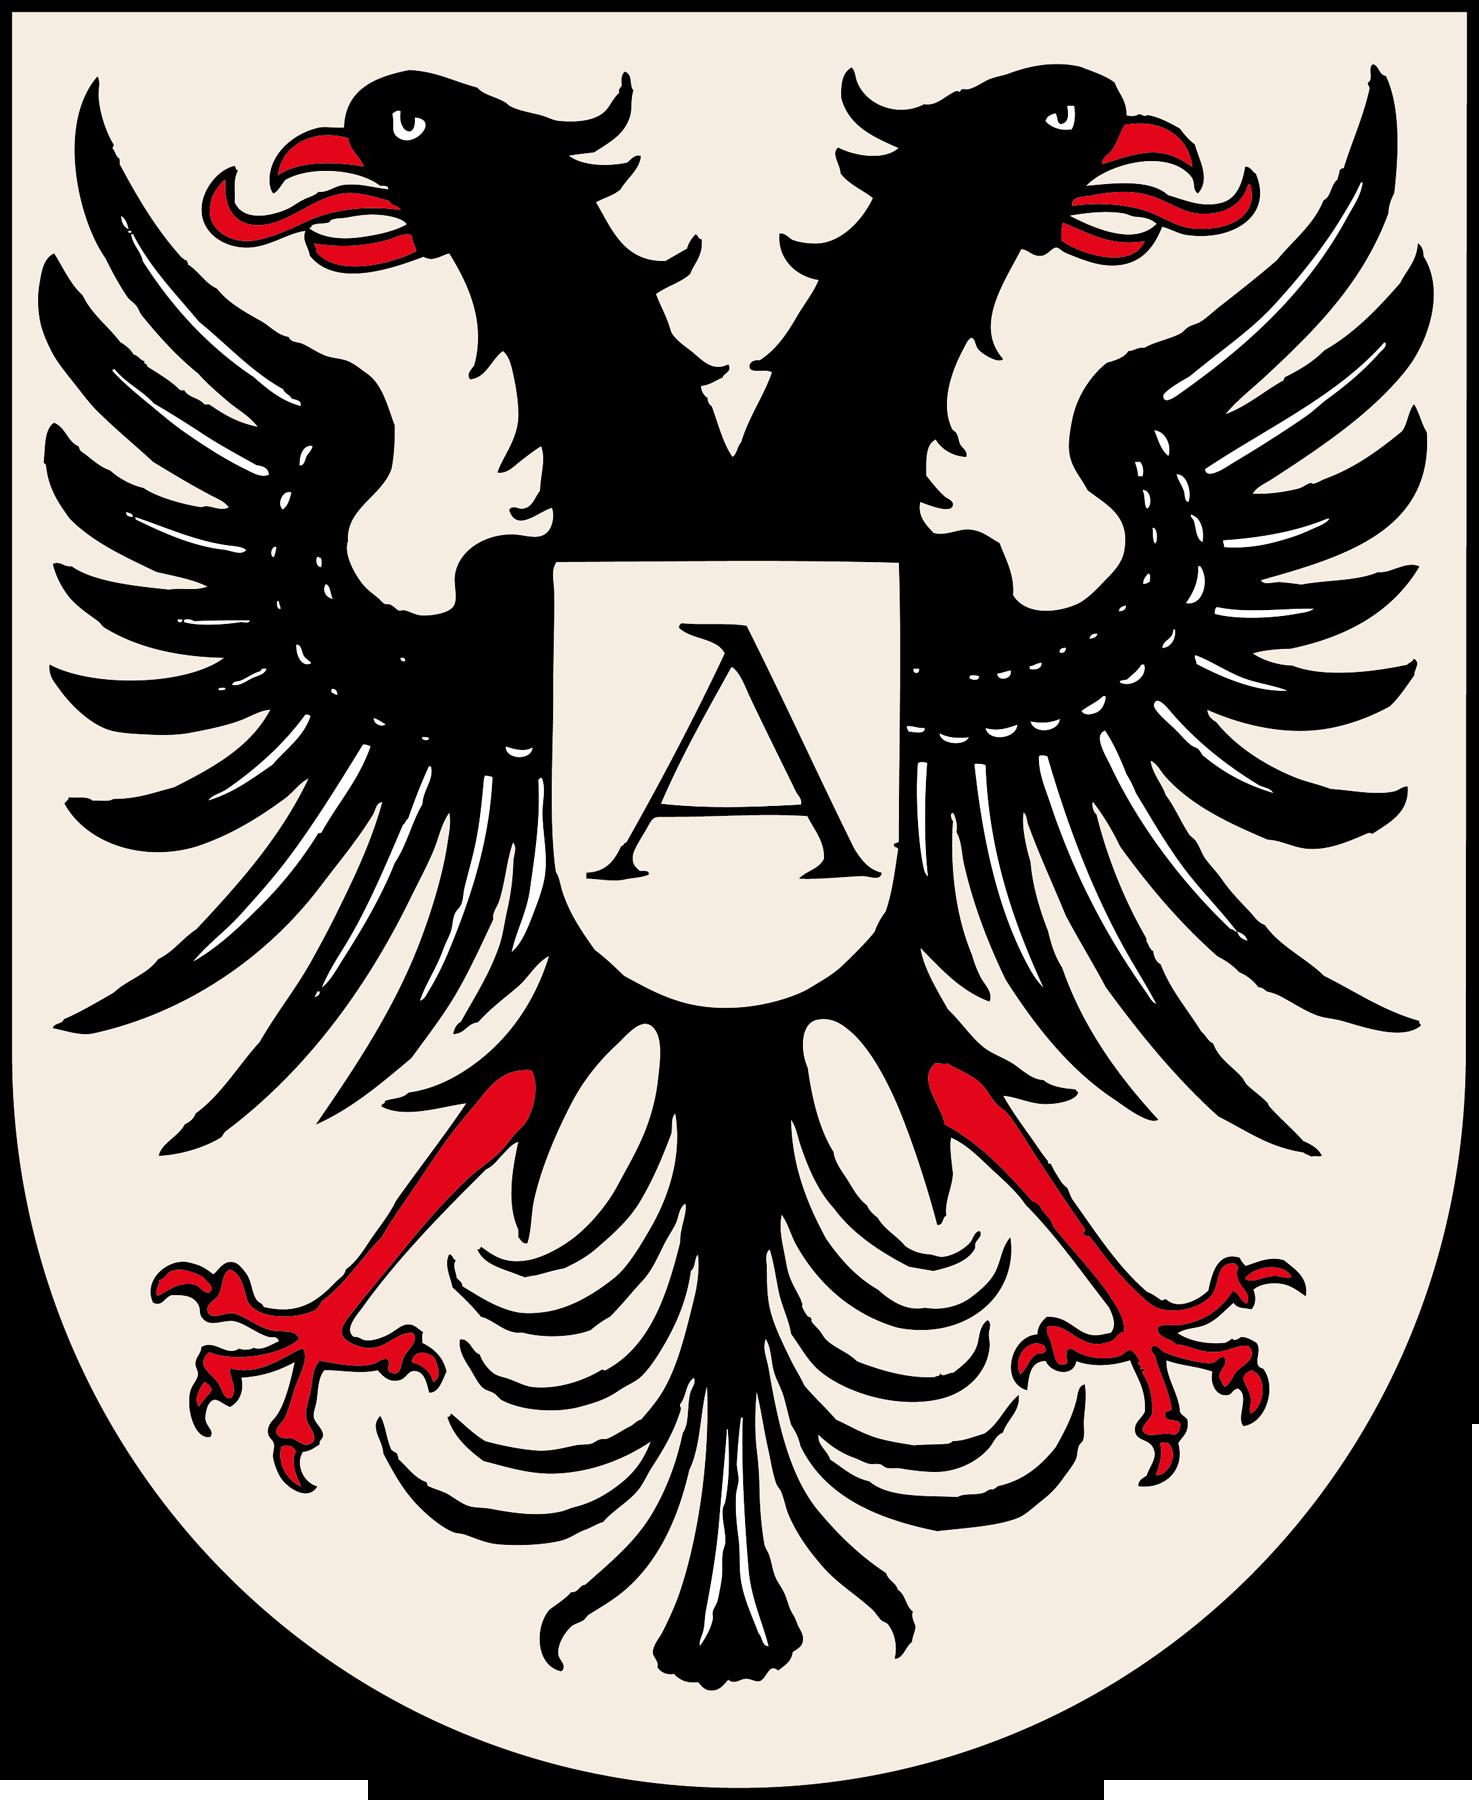 Wappen von Adelhausen: Ein Doppelkopfadler auf hellem Grund.